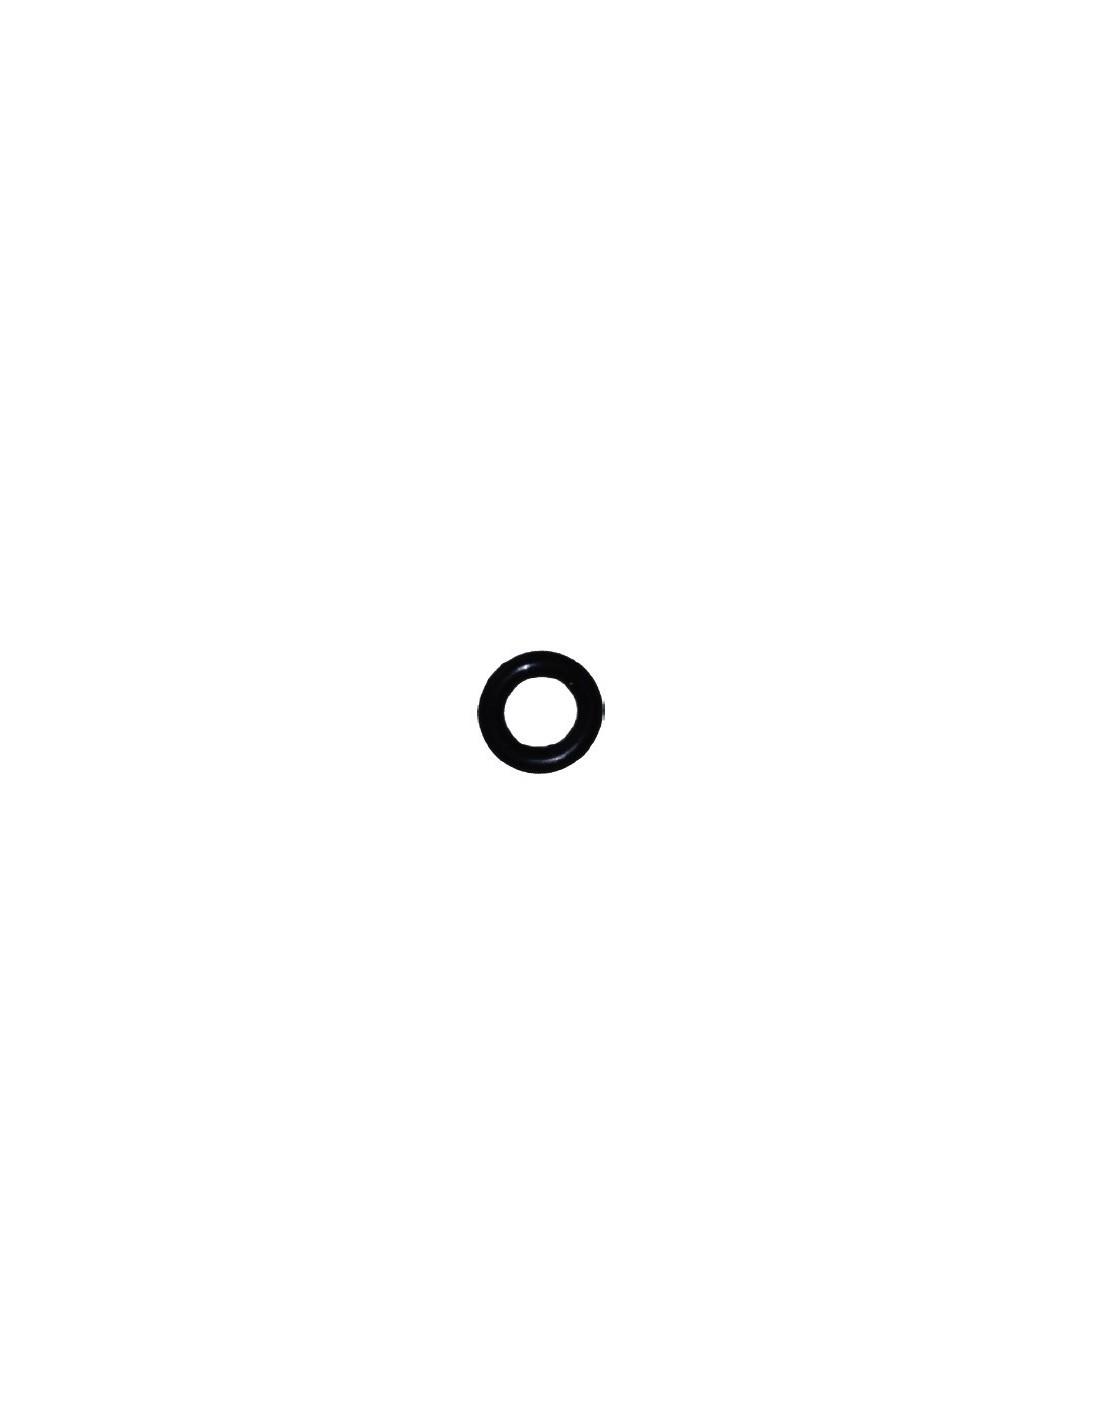 HOR-M - Verktyg och tillbehör - FluidFit HOR O-ring tumstorlekar (mm)